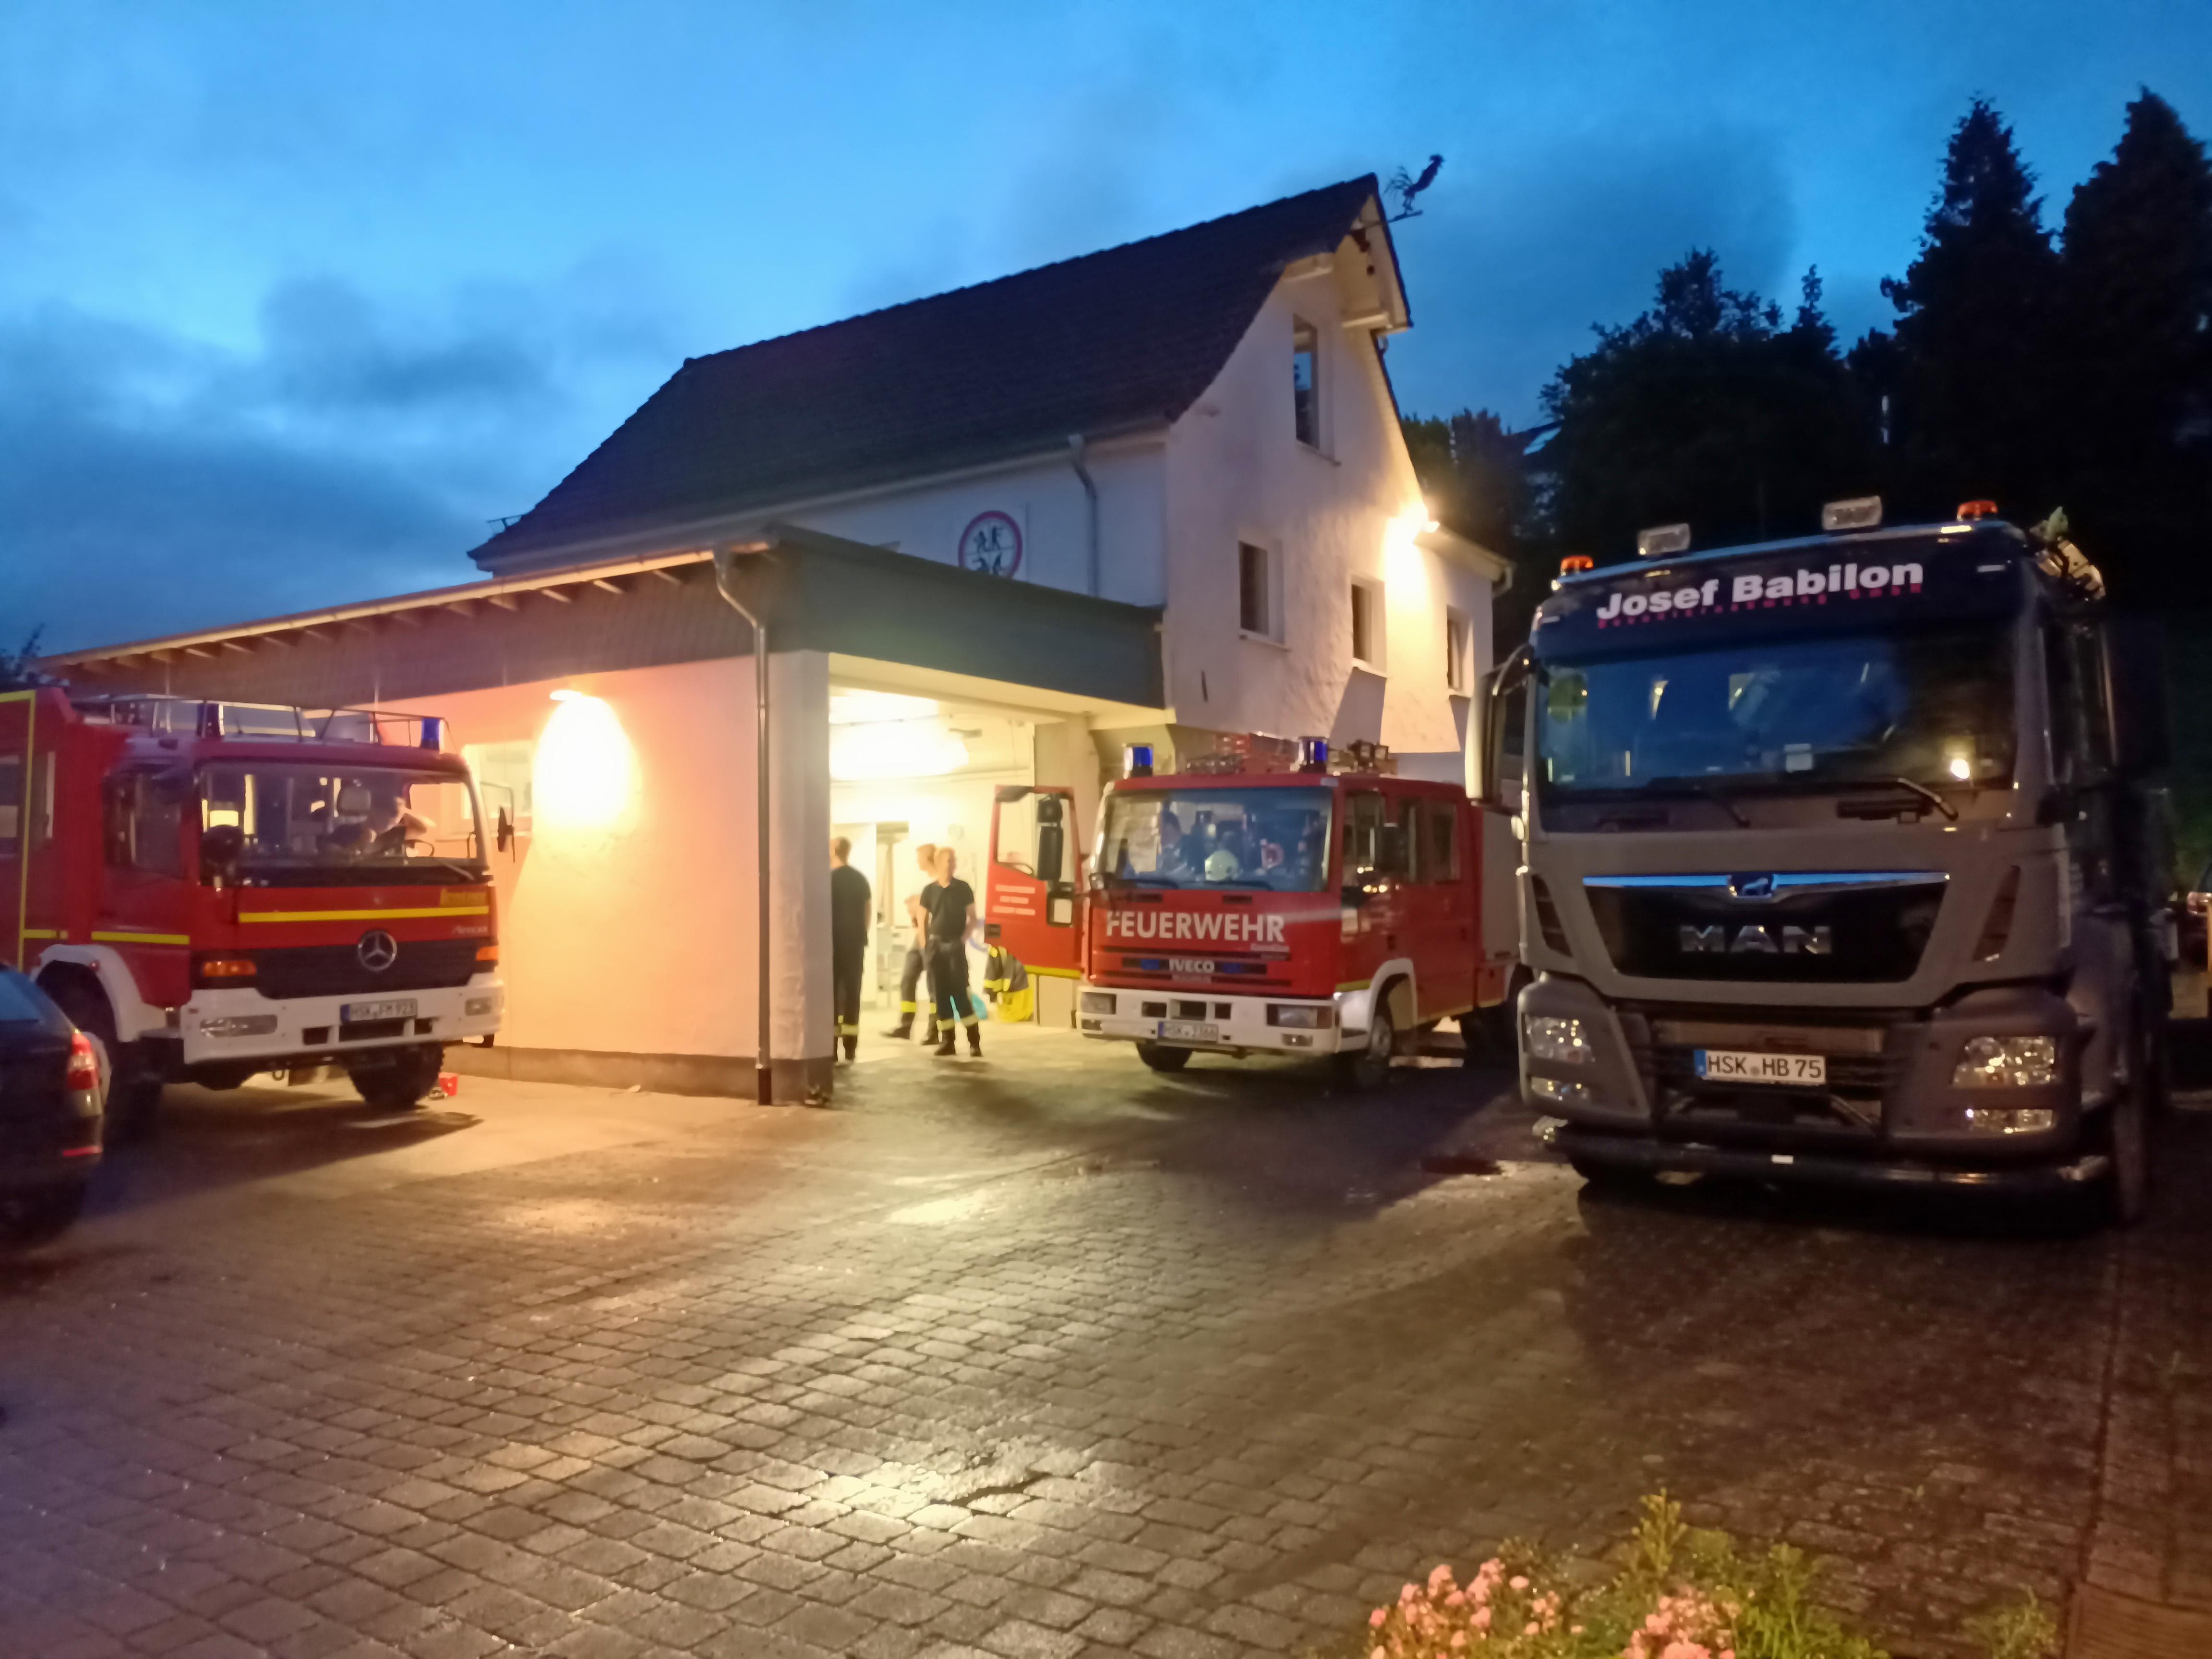 Firma Babilon unterstützte am Feuerwehrhaus der Löschgruppe Wennemen